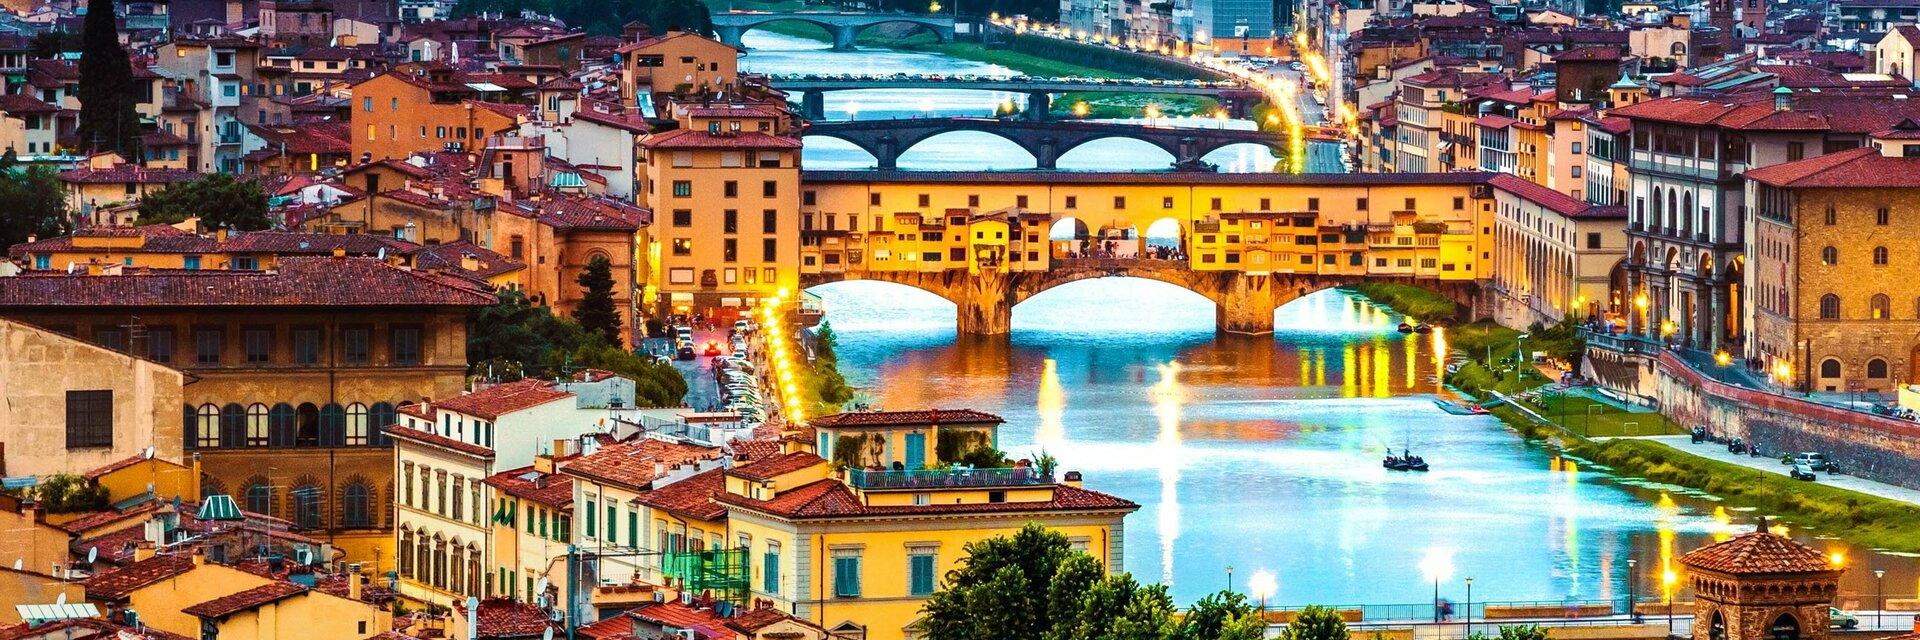 Поиск отелей во Флоренции